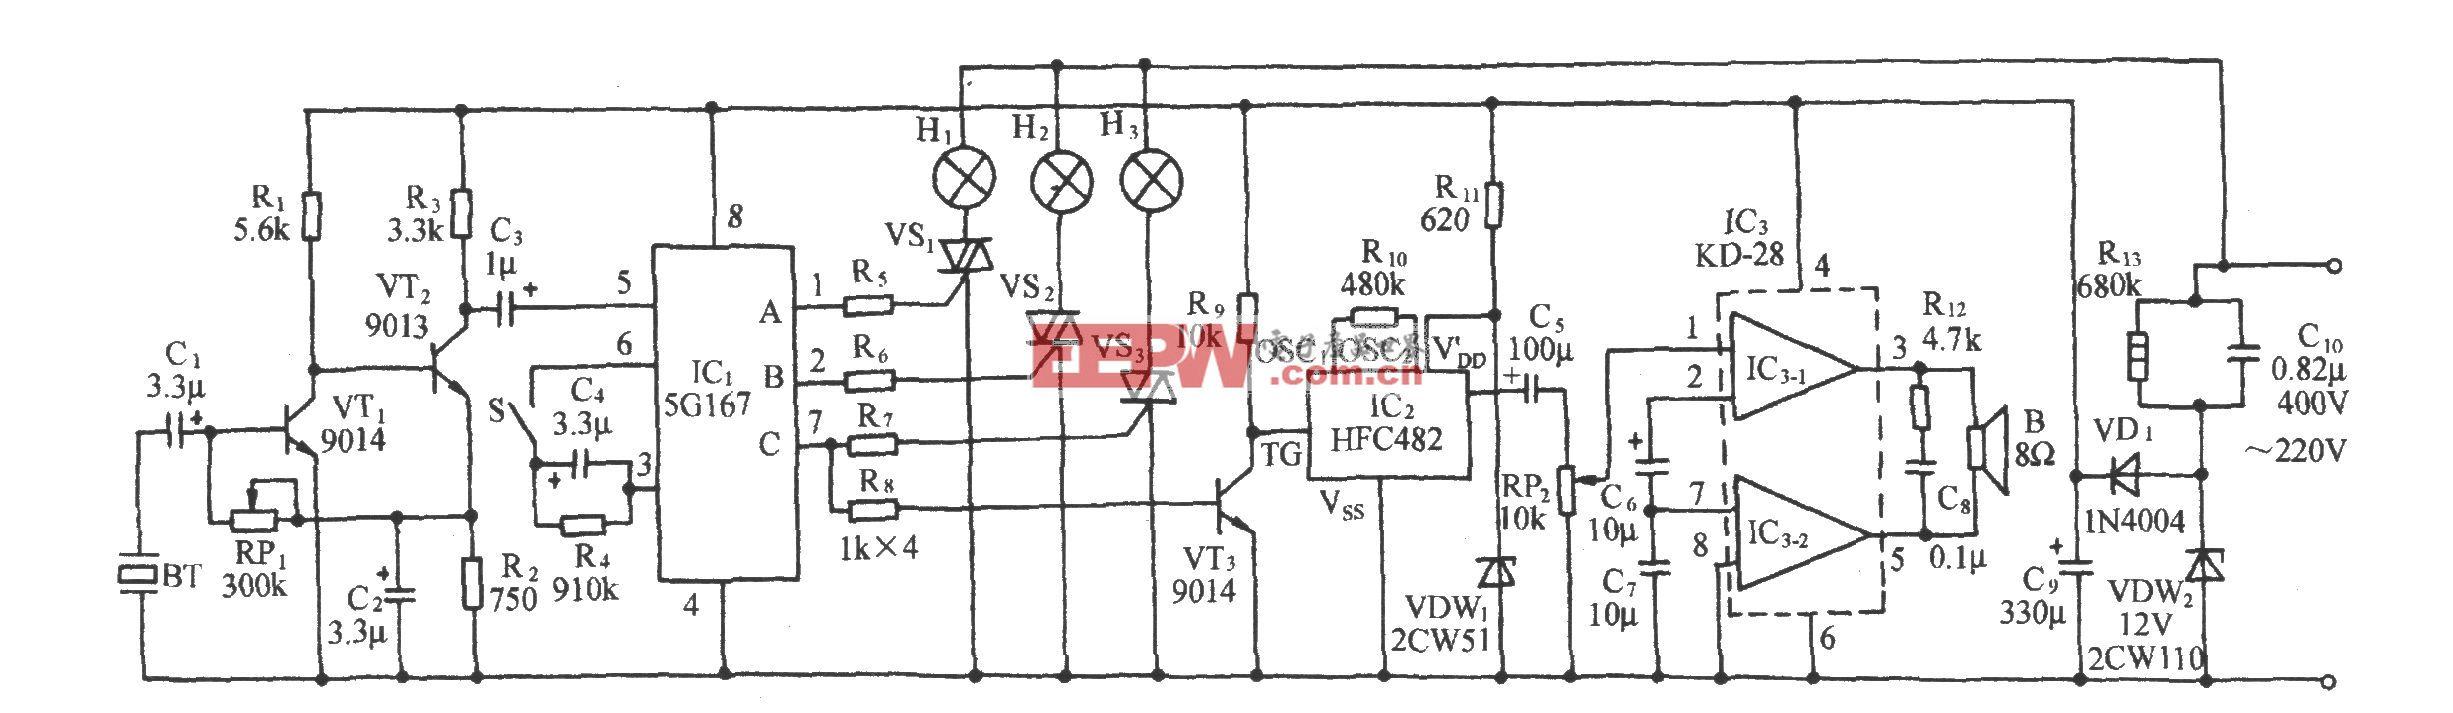 声控流水彩灯伴多首名曲演唱电路(5G167)